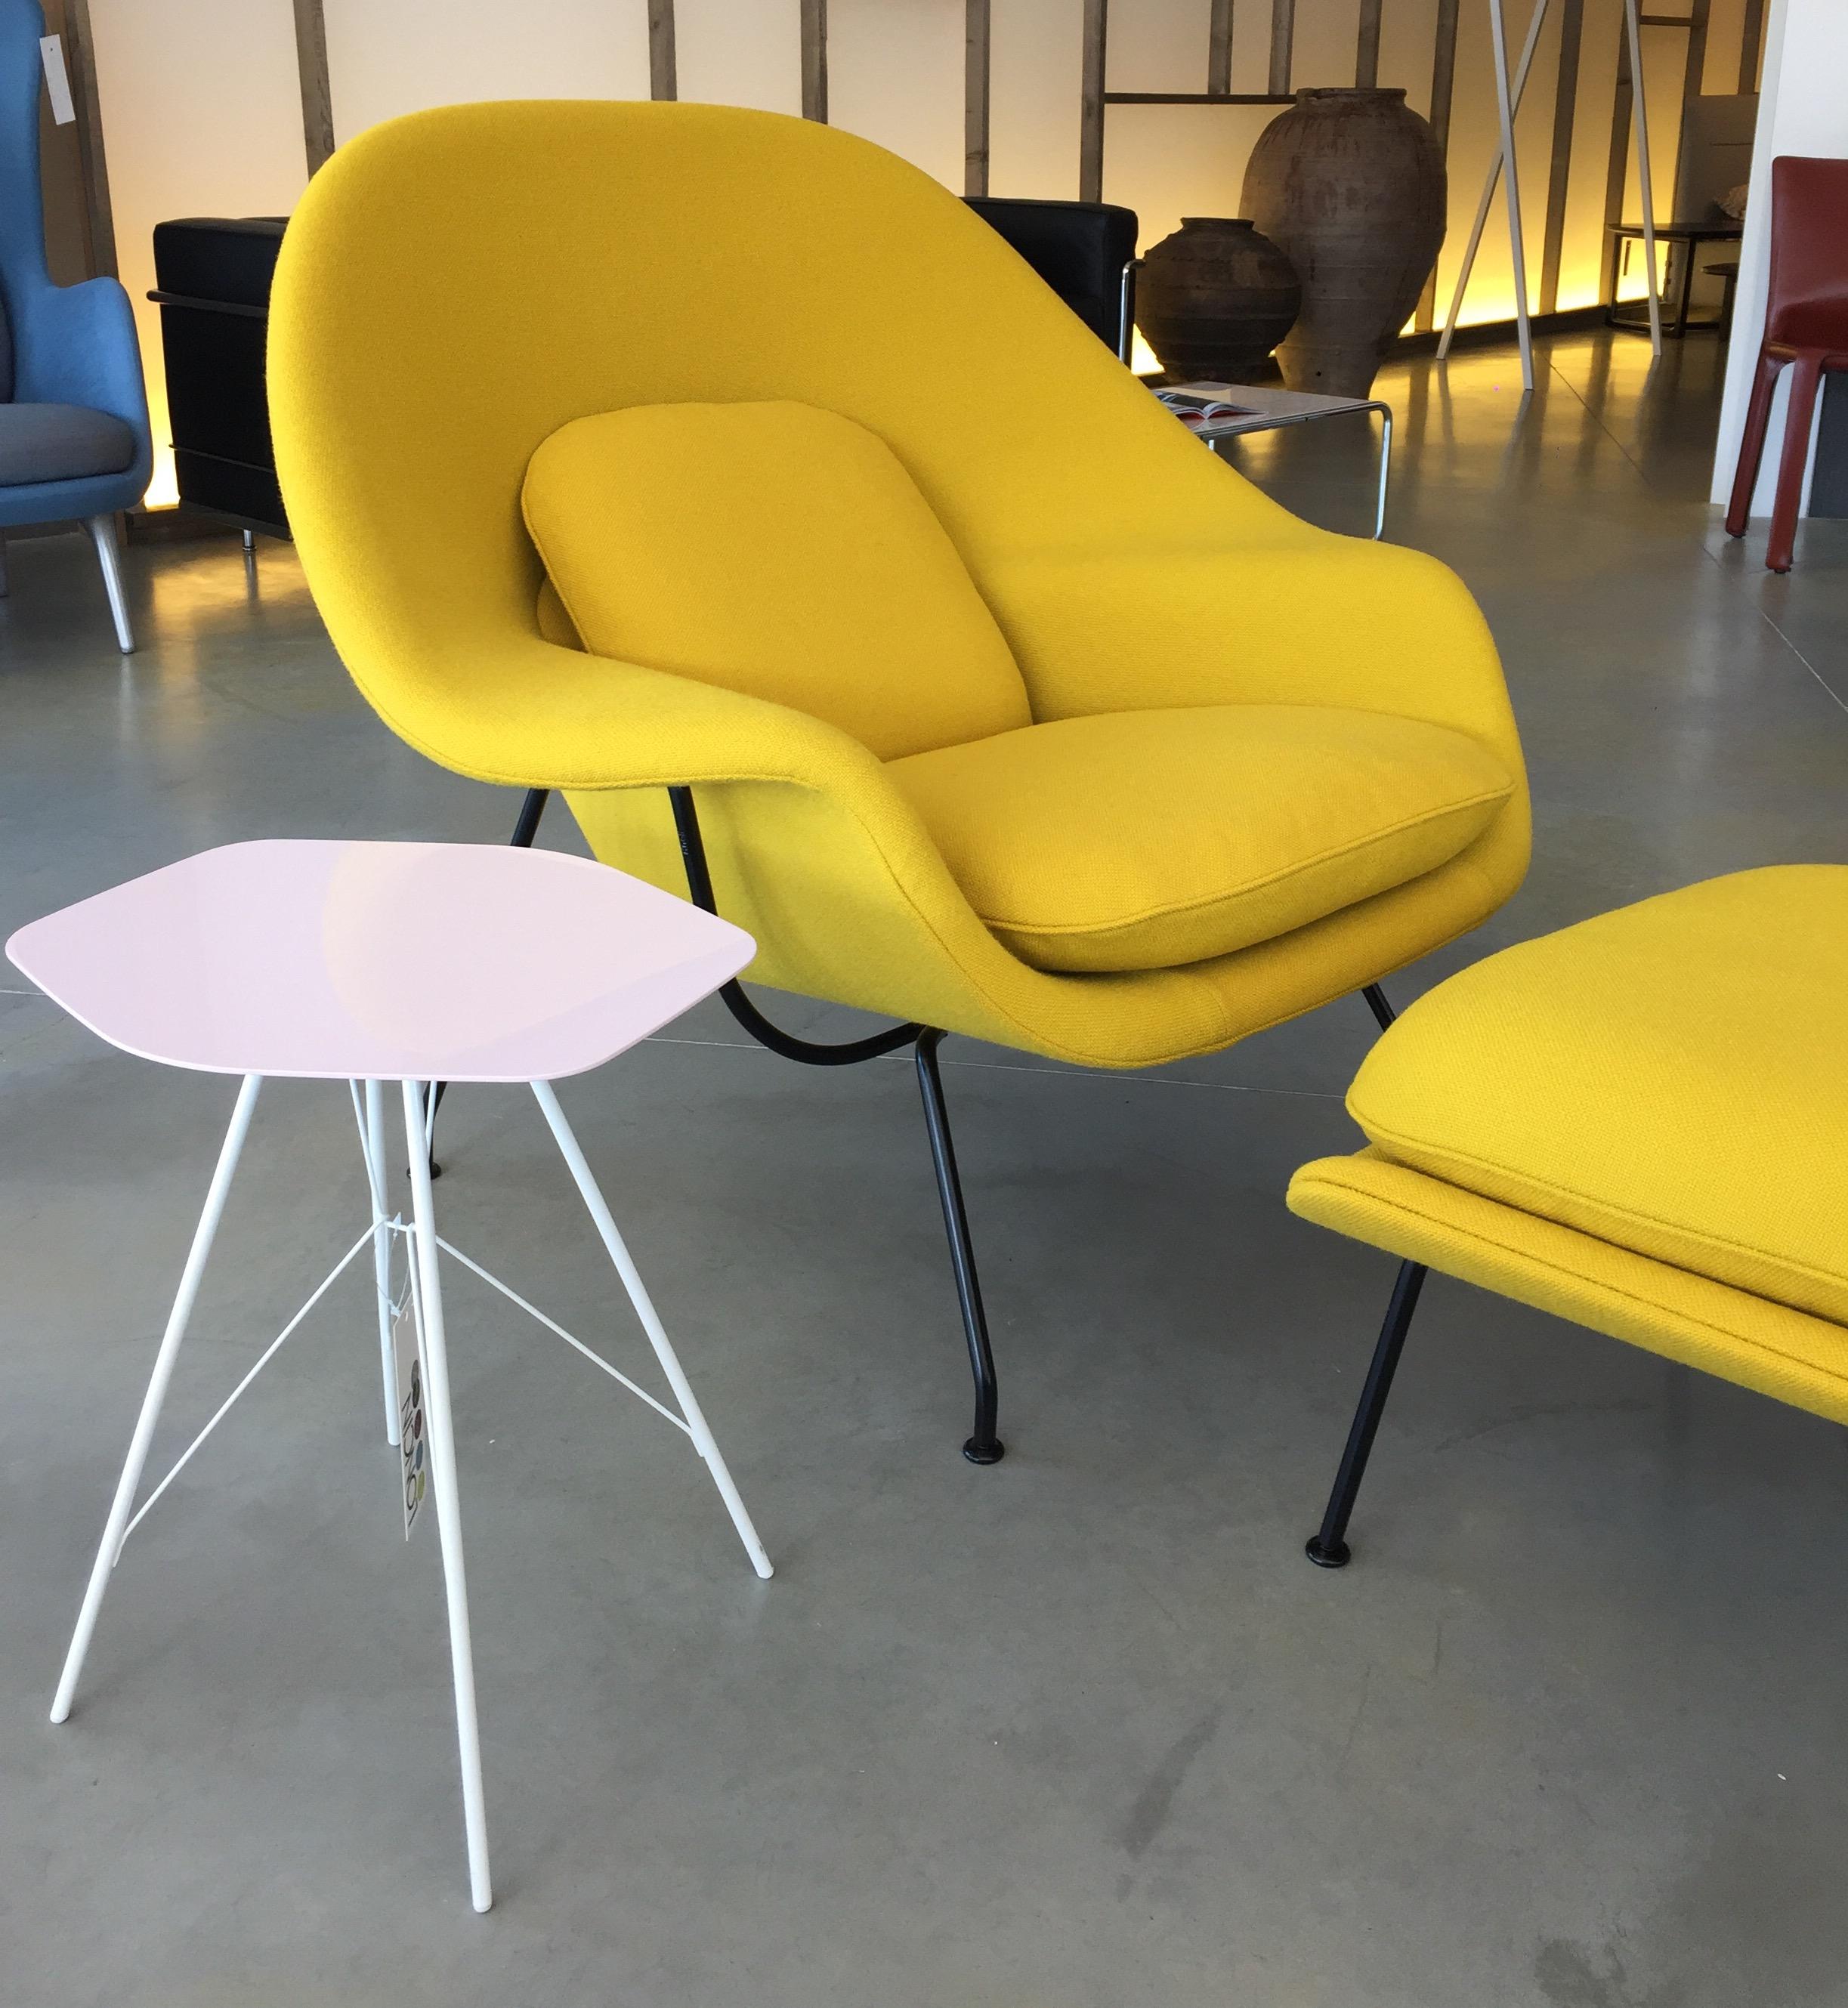 Knoll Womb Chair fauteuil eero Saarinen Loncin designmeubelen meubelwinkel Hasselt Antwerpen Leuven Brussels Bruxelles Mechelen Limburg Brabant Gent interieur winkel 1.jpg